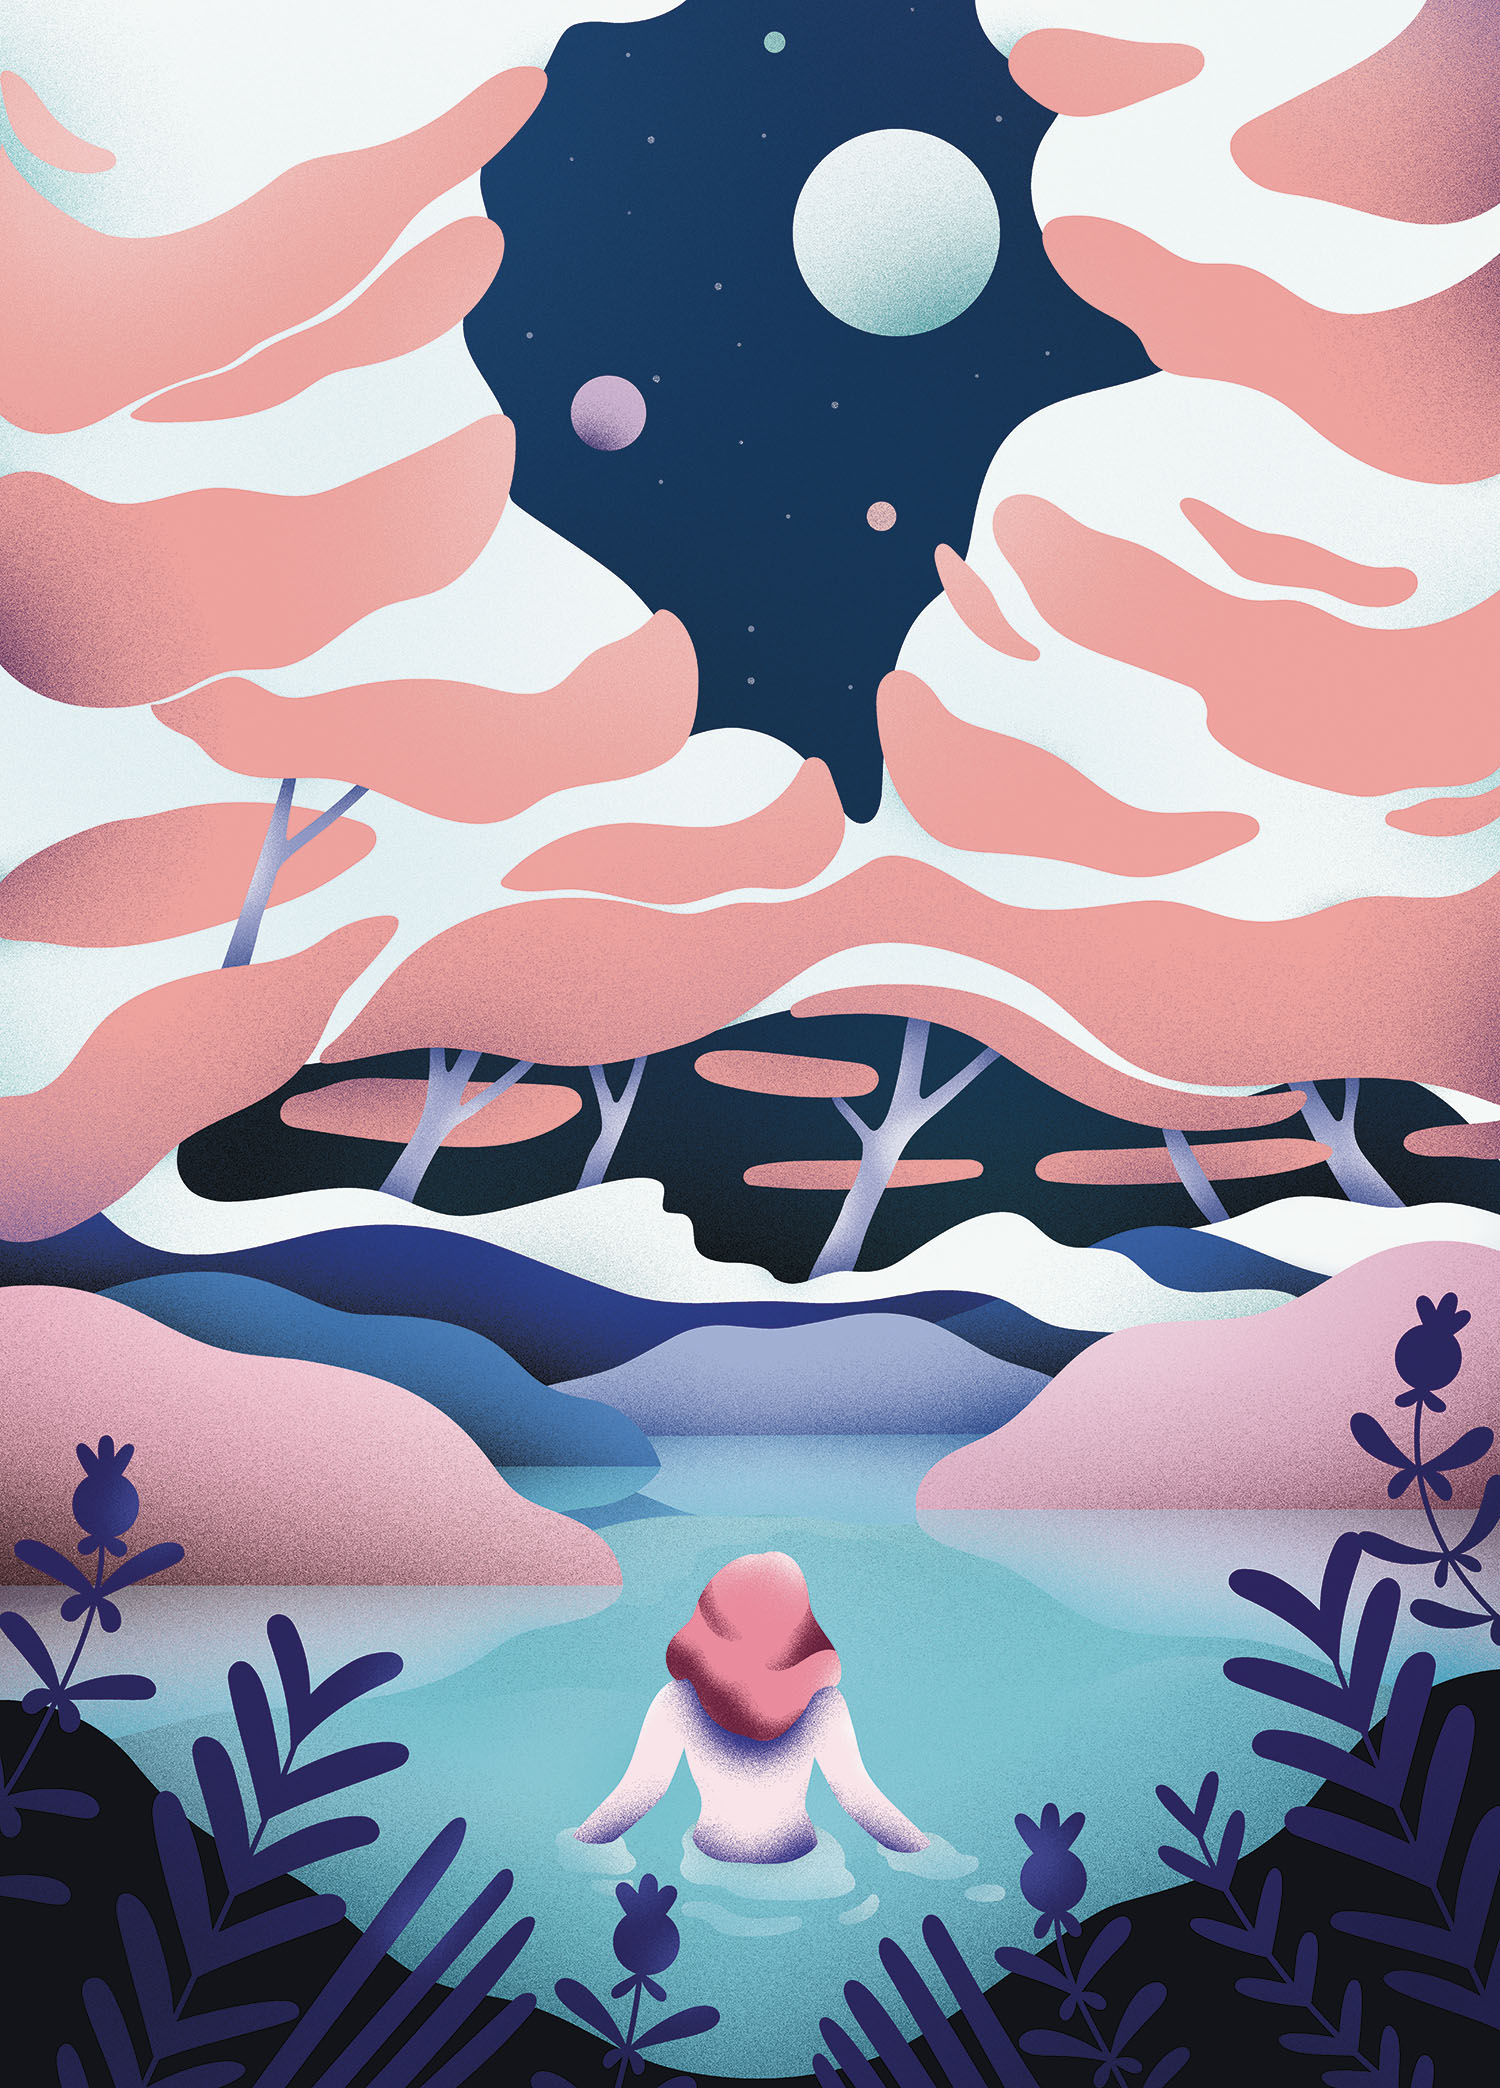 Le soavi illustrazioni di Victoria Roussel | Collater.al 16